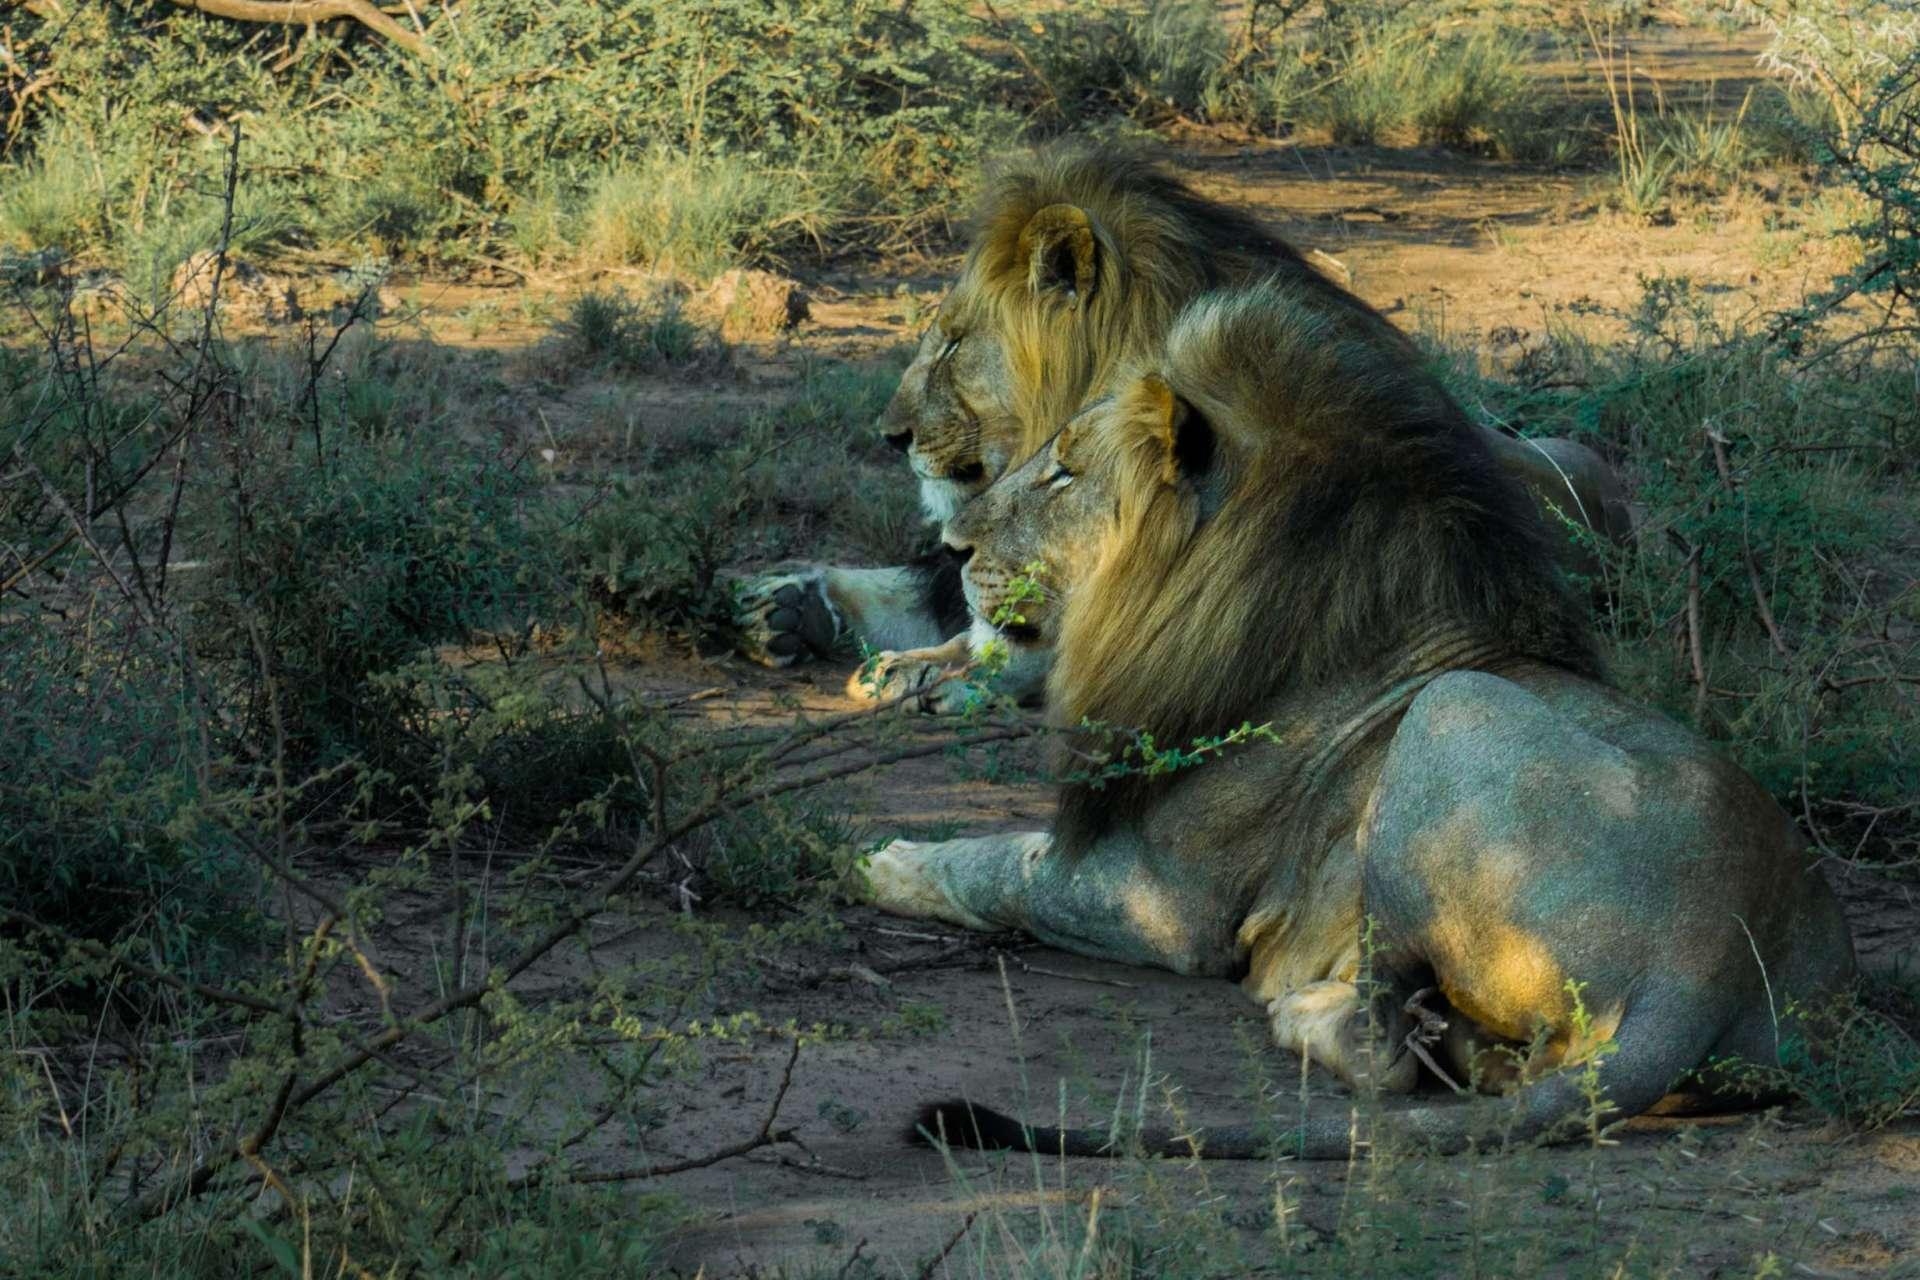 south africa madikwe safari pescart lion brothers